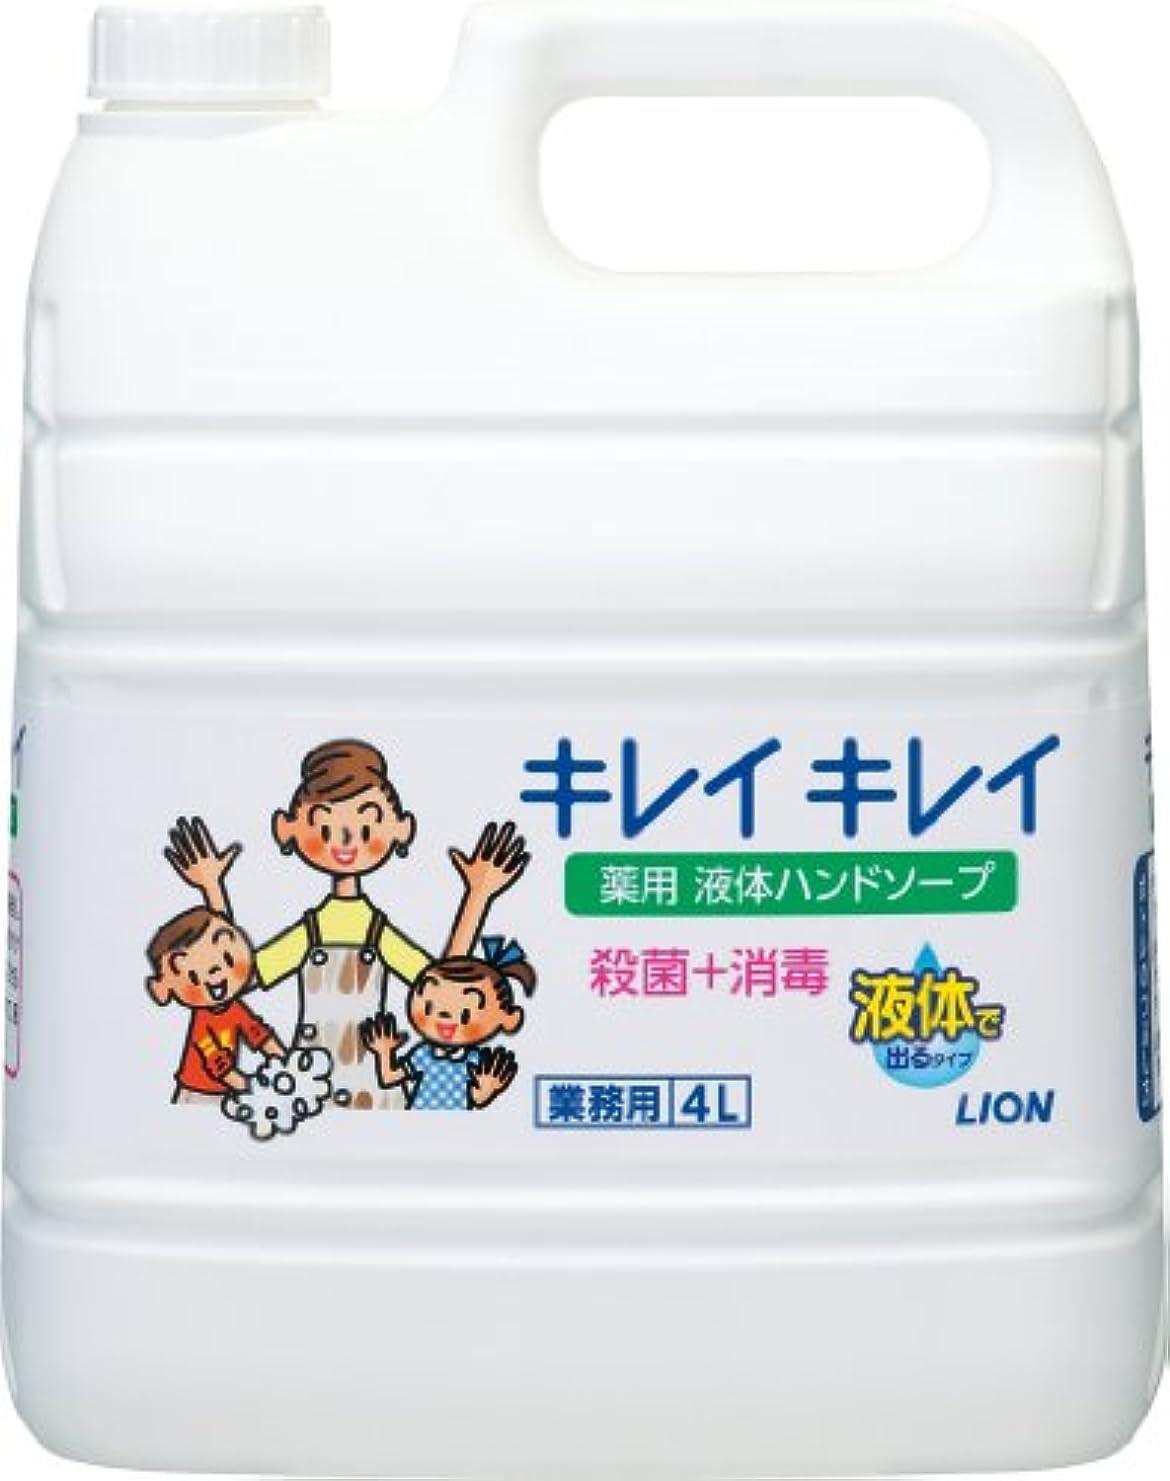 社説スポットスペア【業務用 大容量】キレイキレイ 薬用 ハンドソープ  4L(医薬部外品)